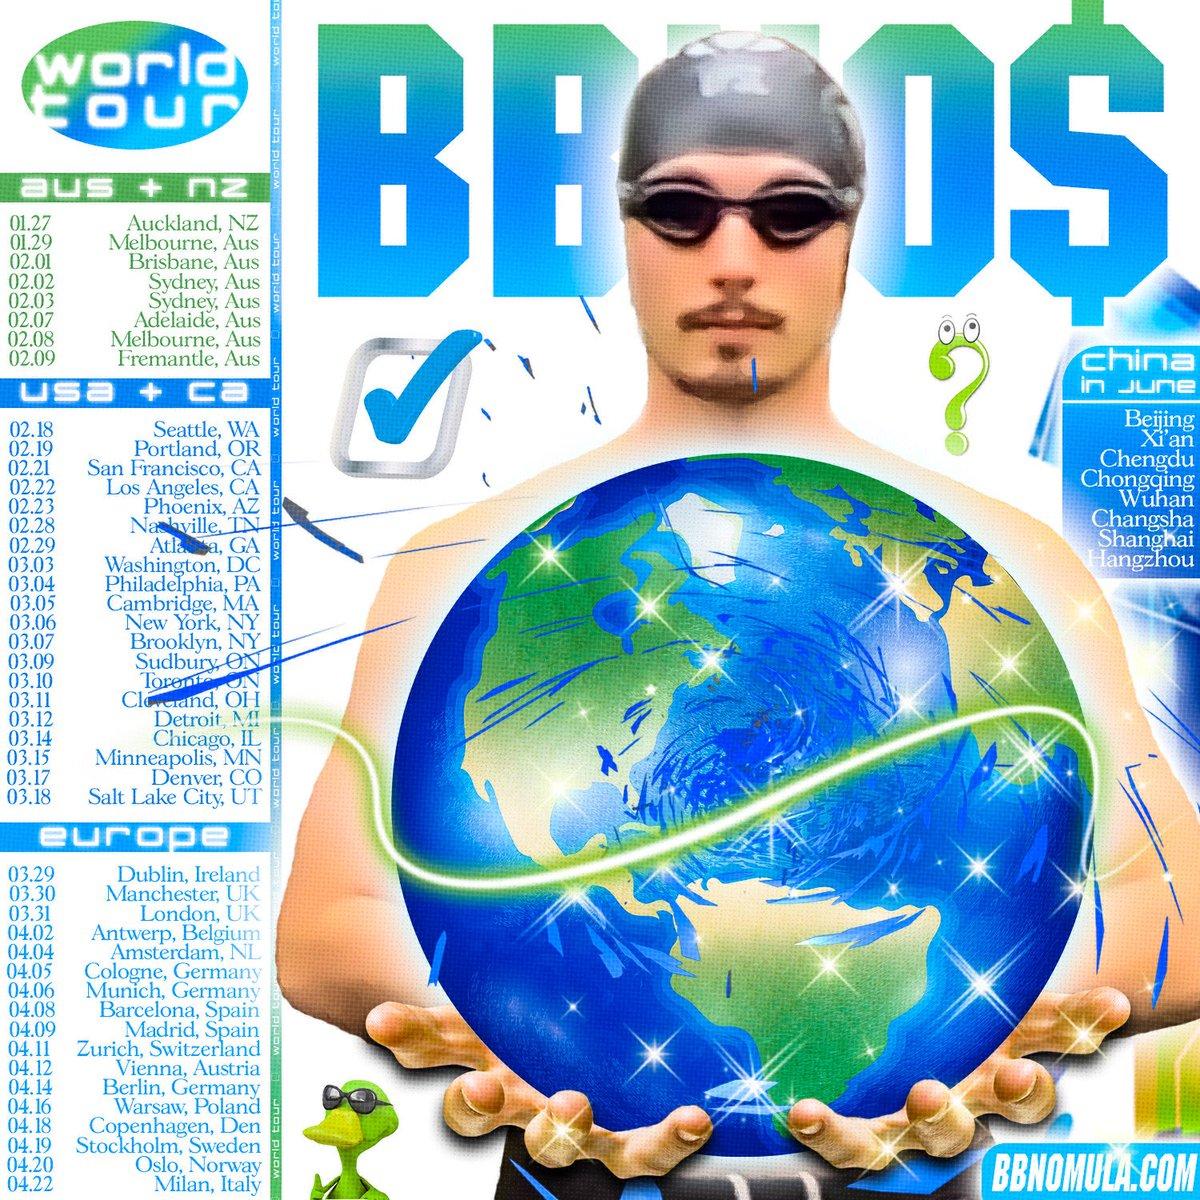 epic world tour go cop bbnomula.com